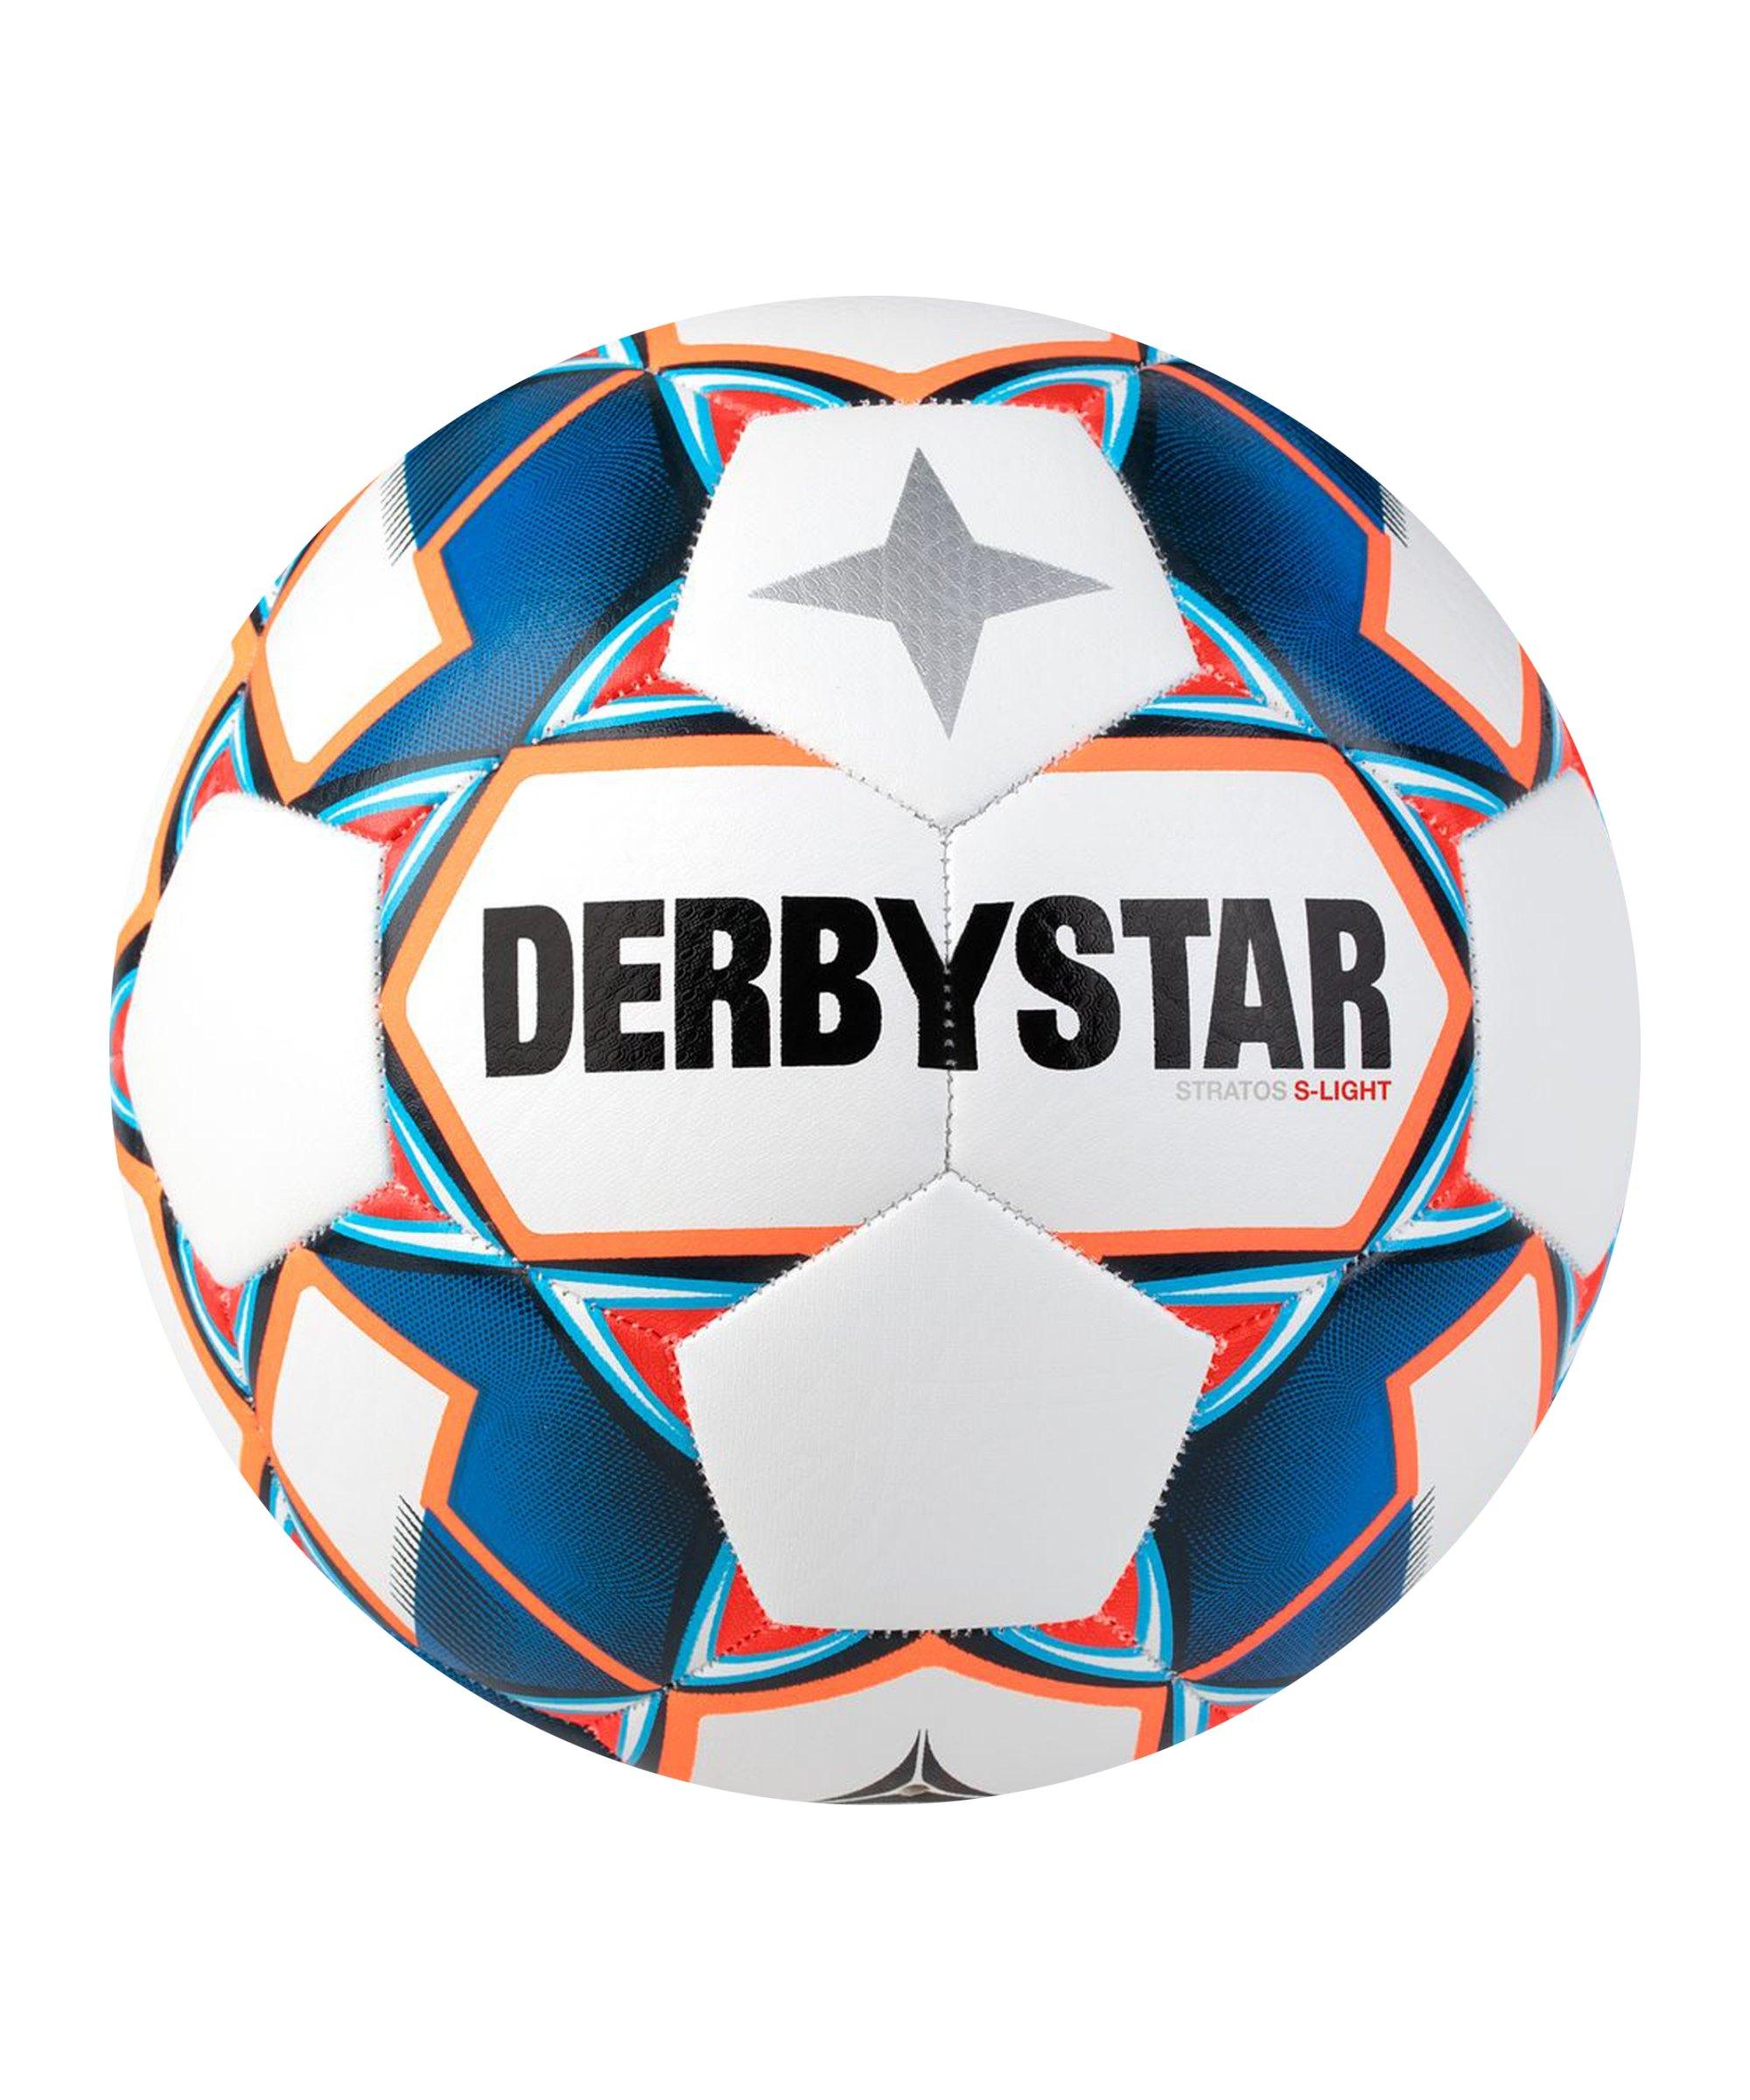 Derbystar Stratos S-Light v20 Trainingsball F167 - weiss